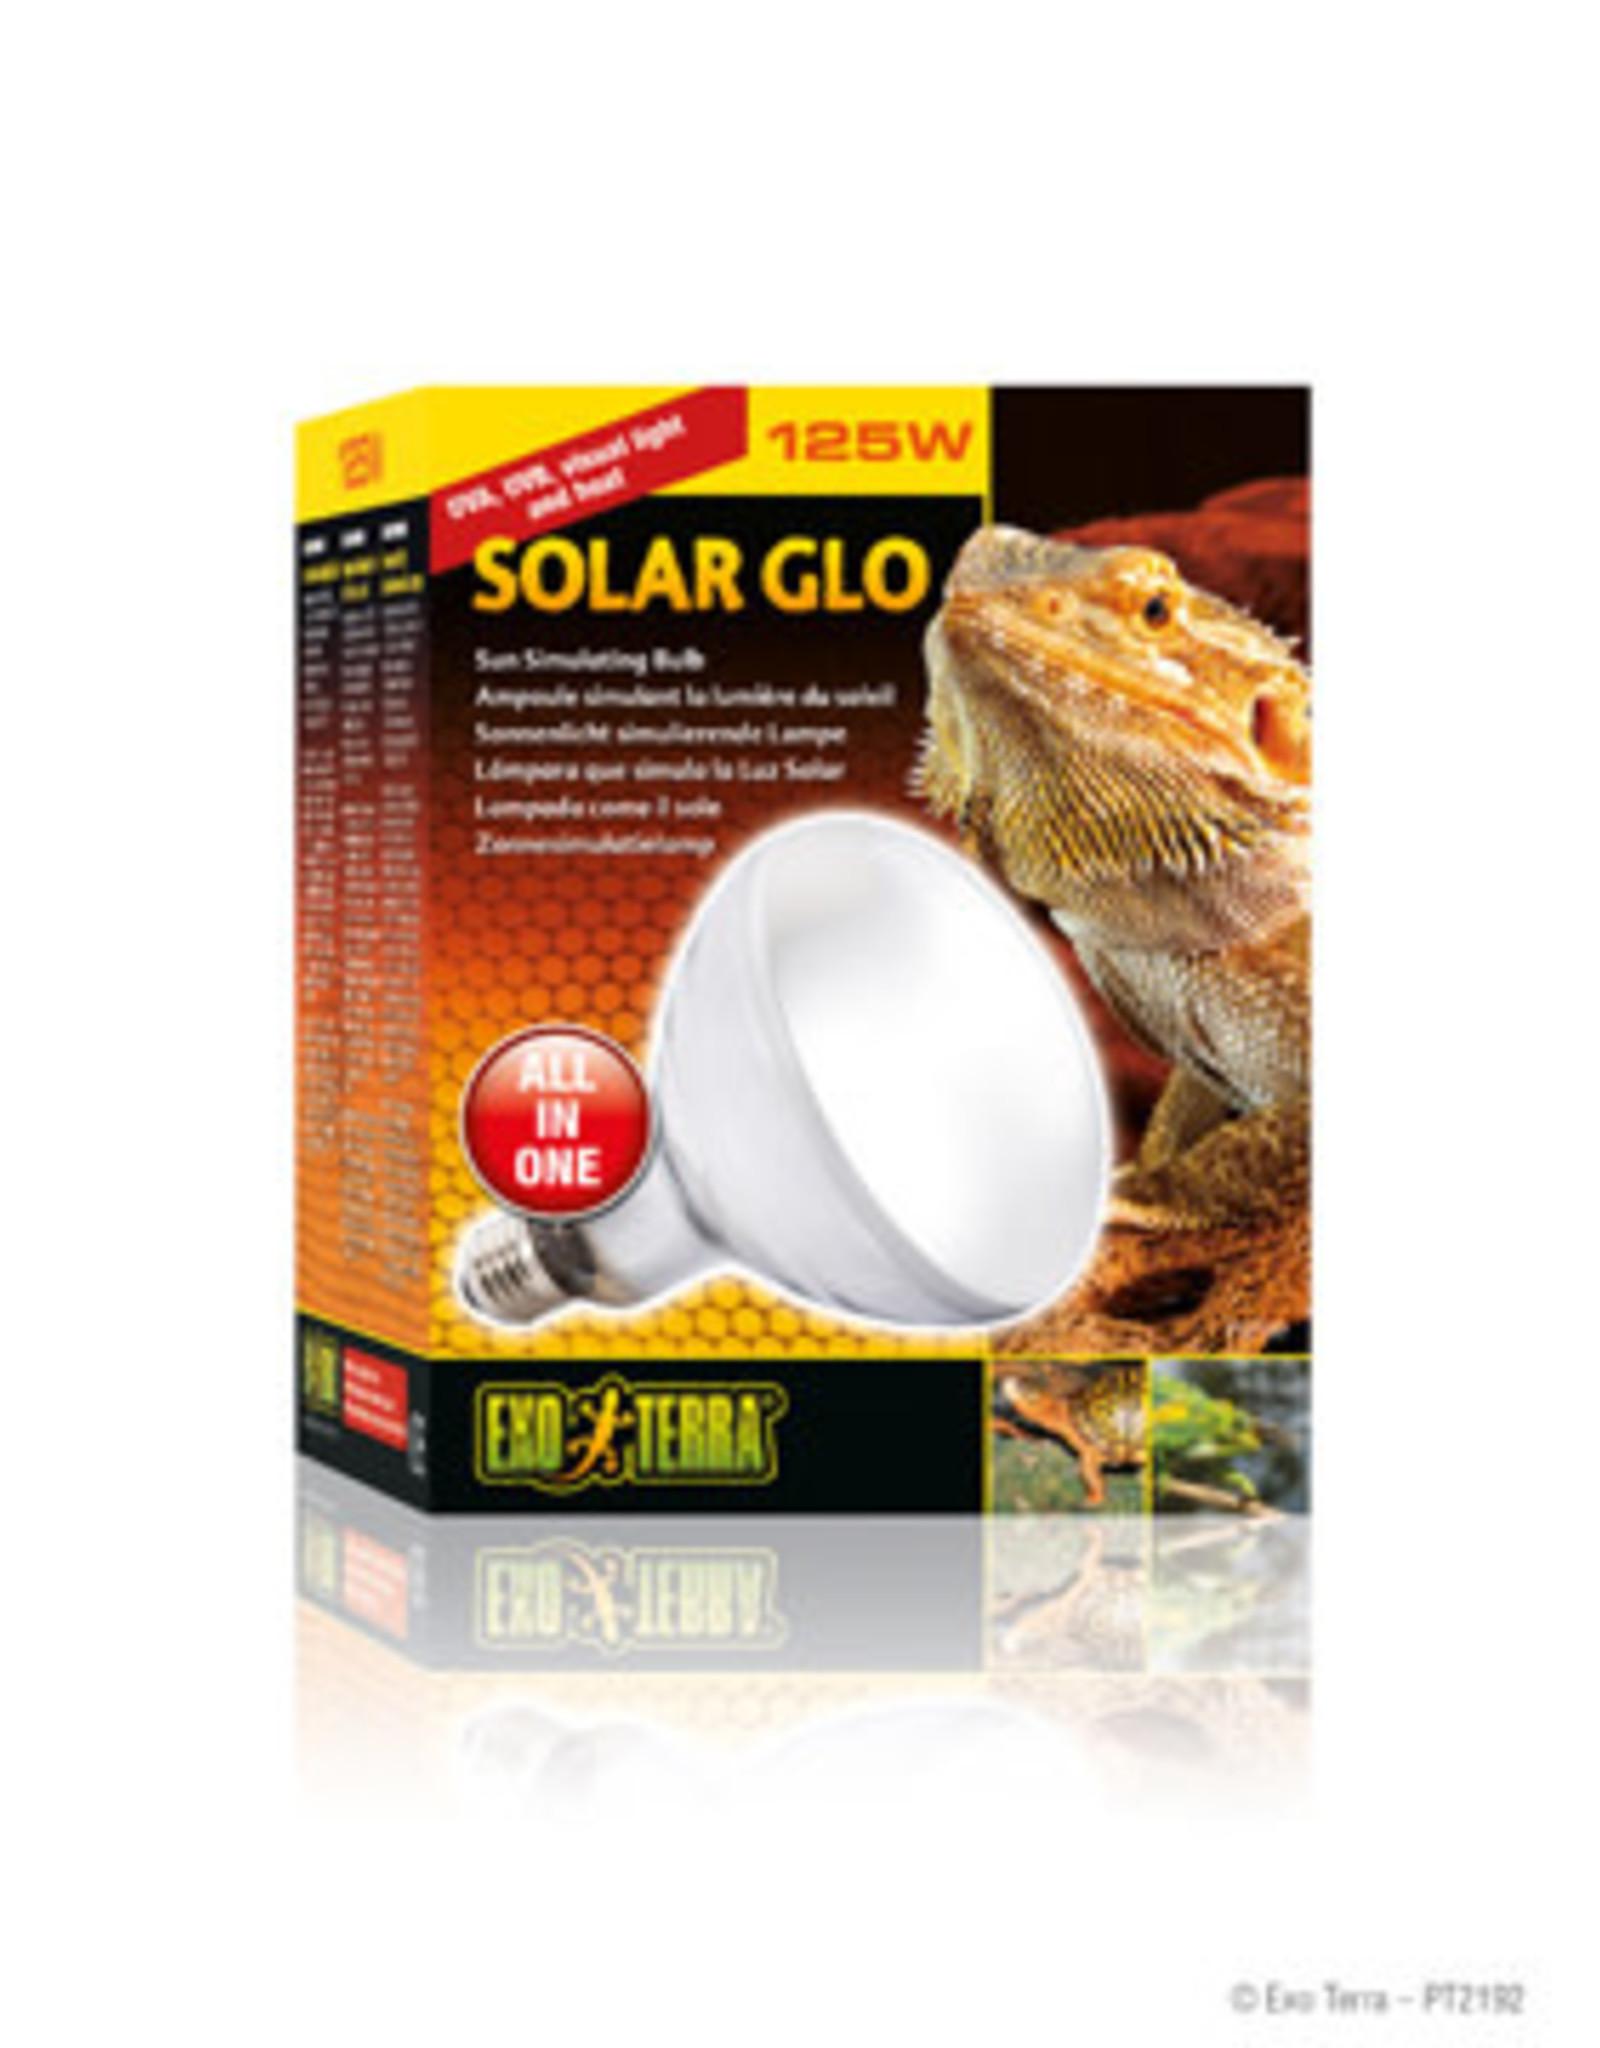 EXO-TERRA Exo Terra Solar Glo - 125W